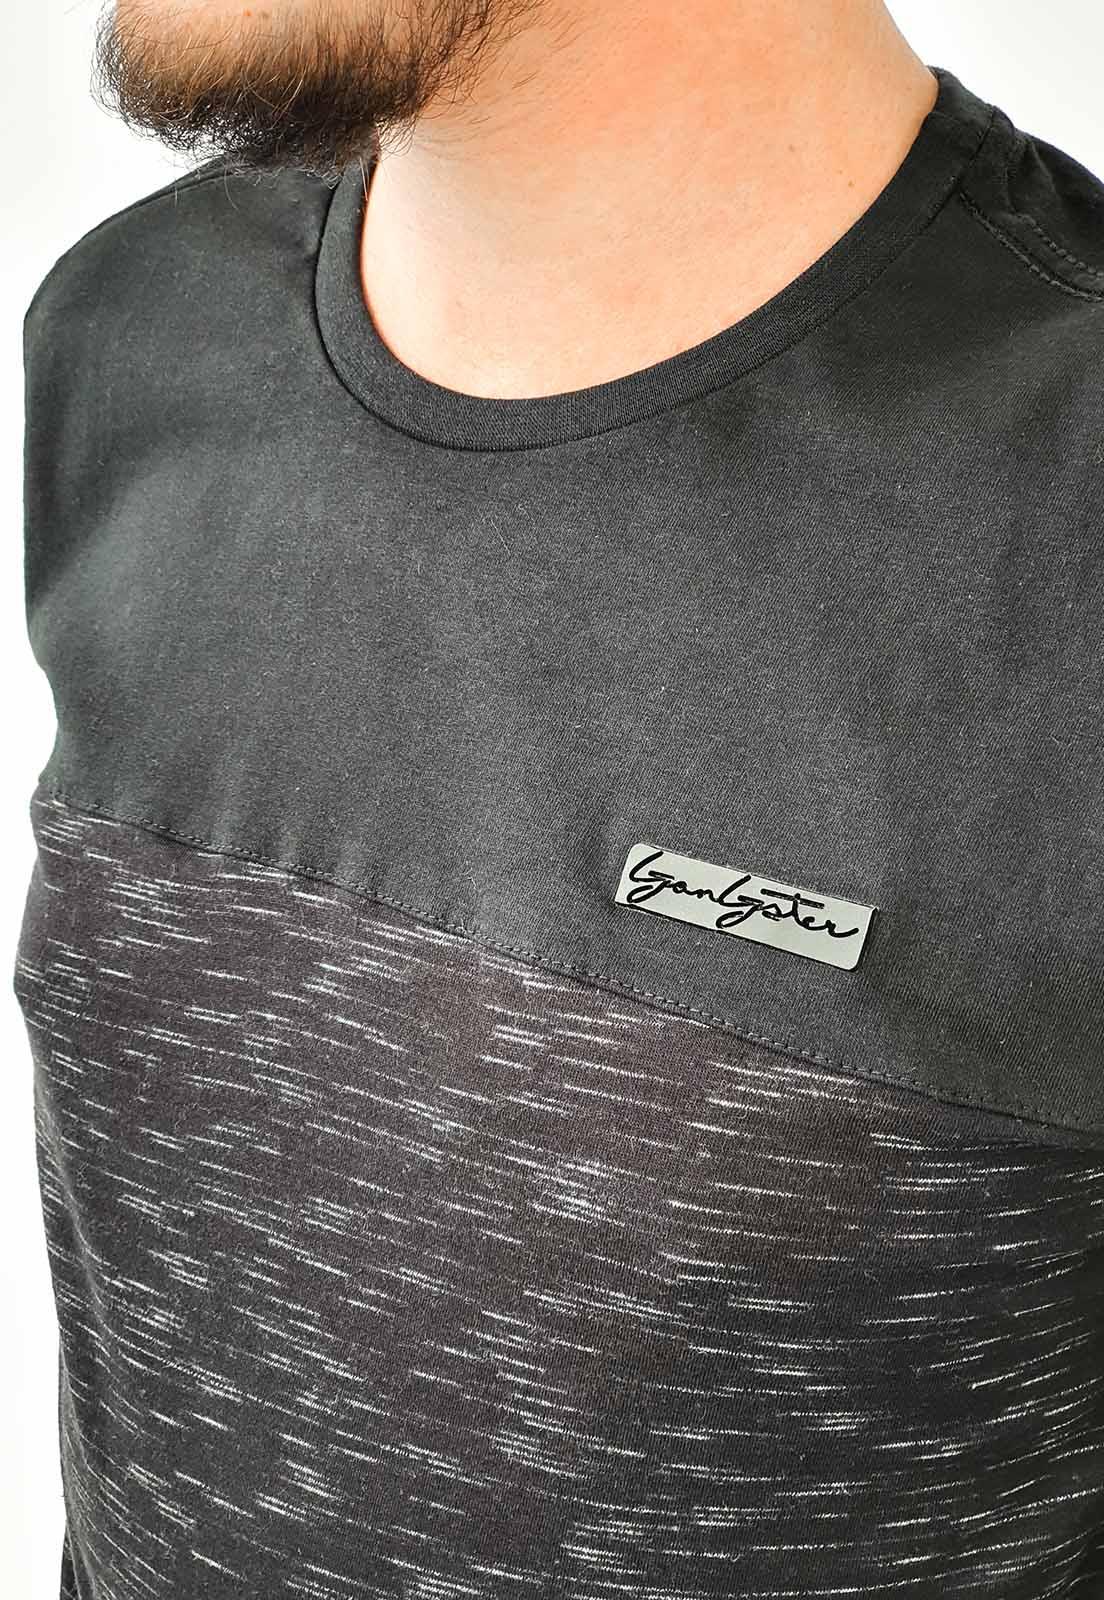 Camiseta Manga Longa Gangster Preto